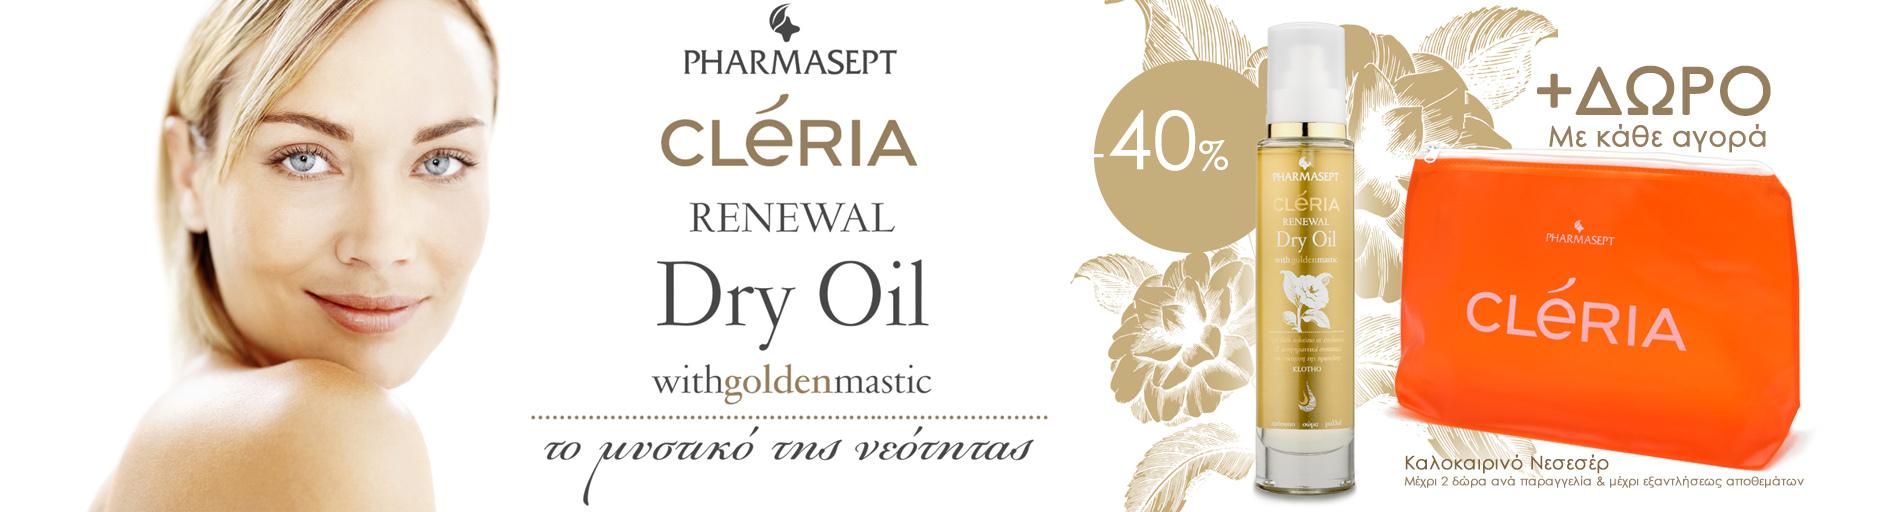 Cleria dry oil necessaire 1903